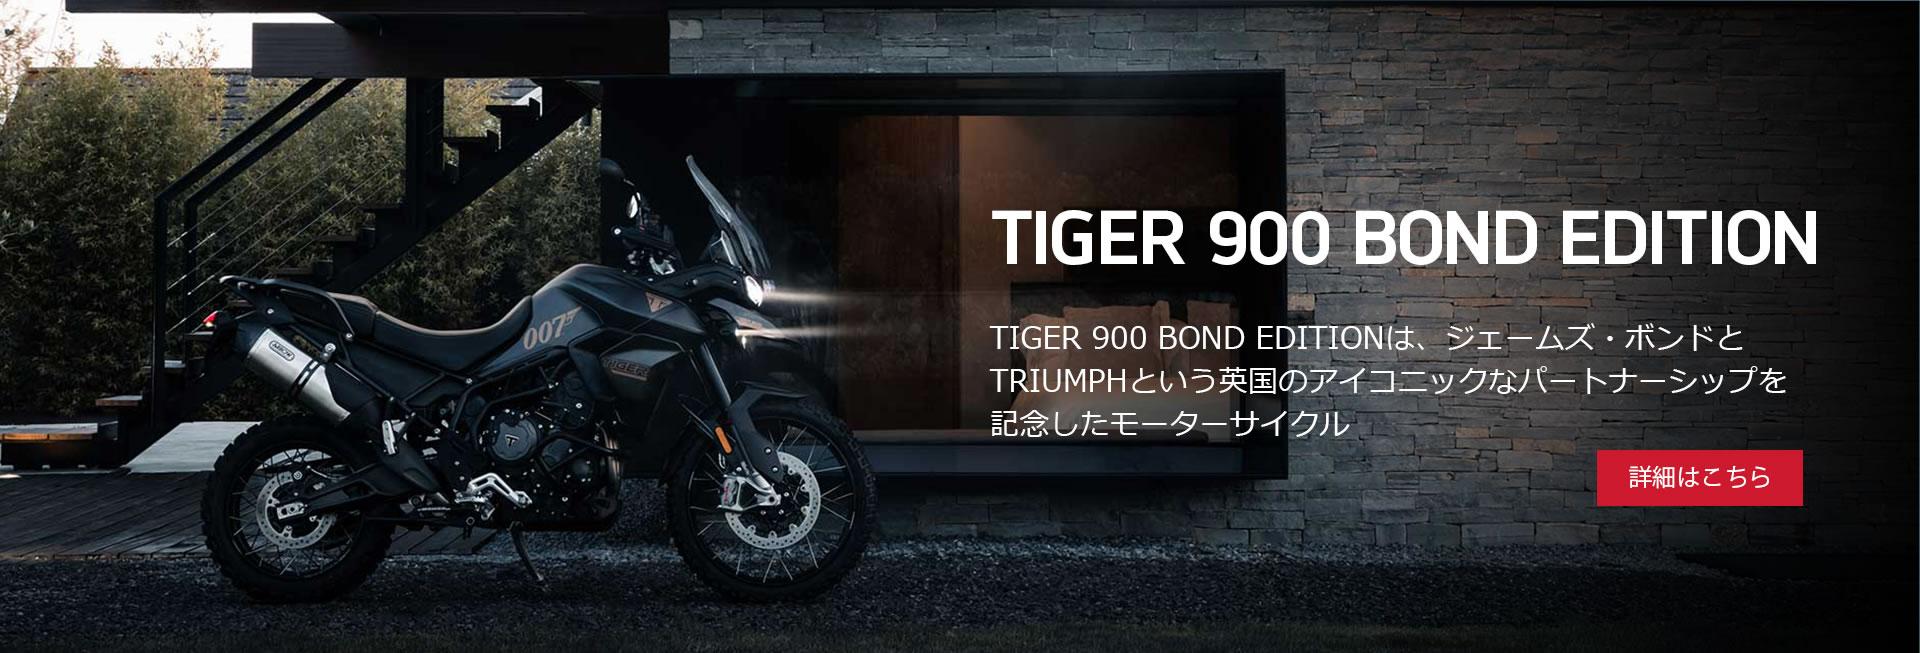 TIGER 900 BOND EDITION